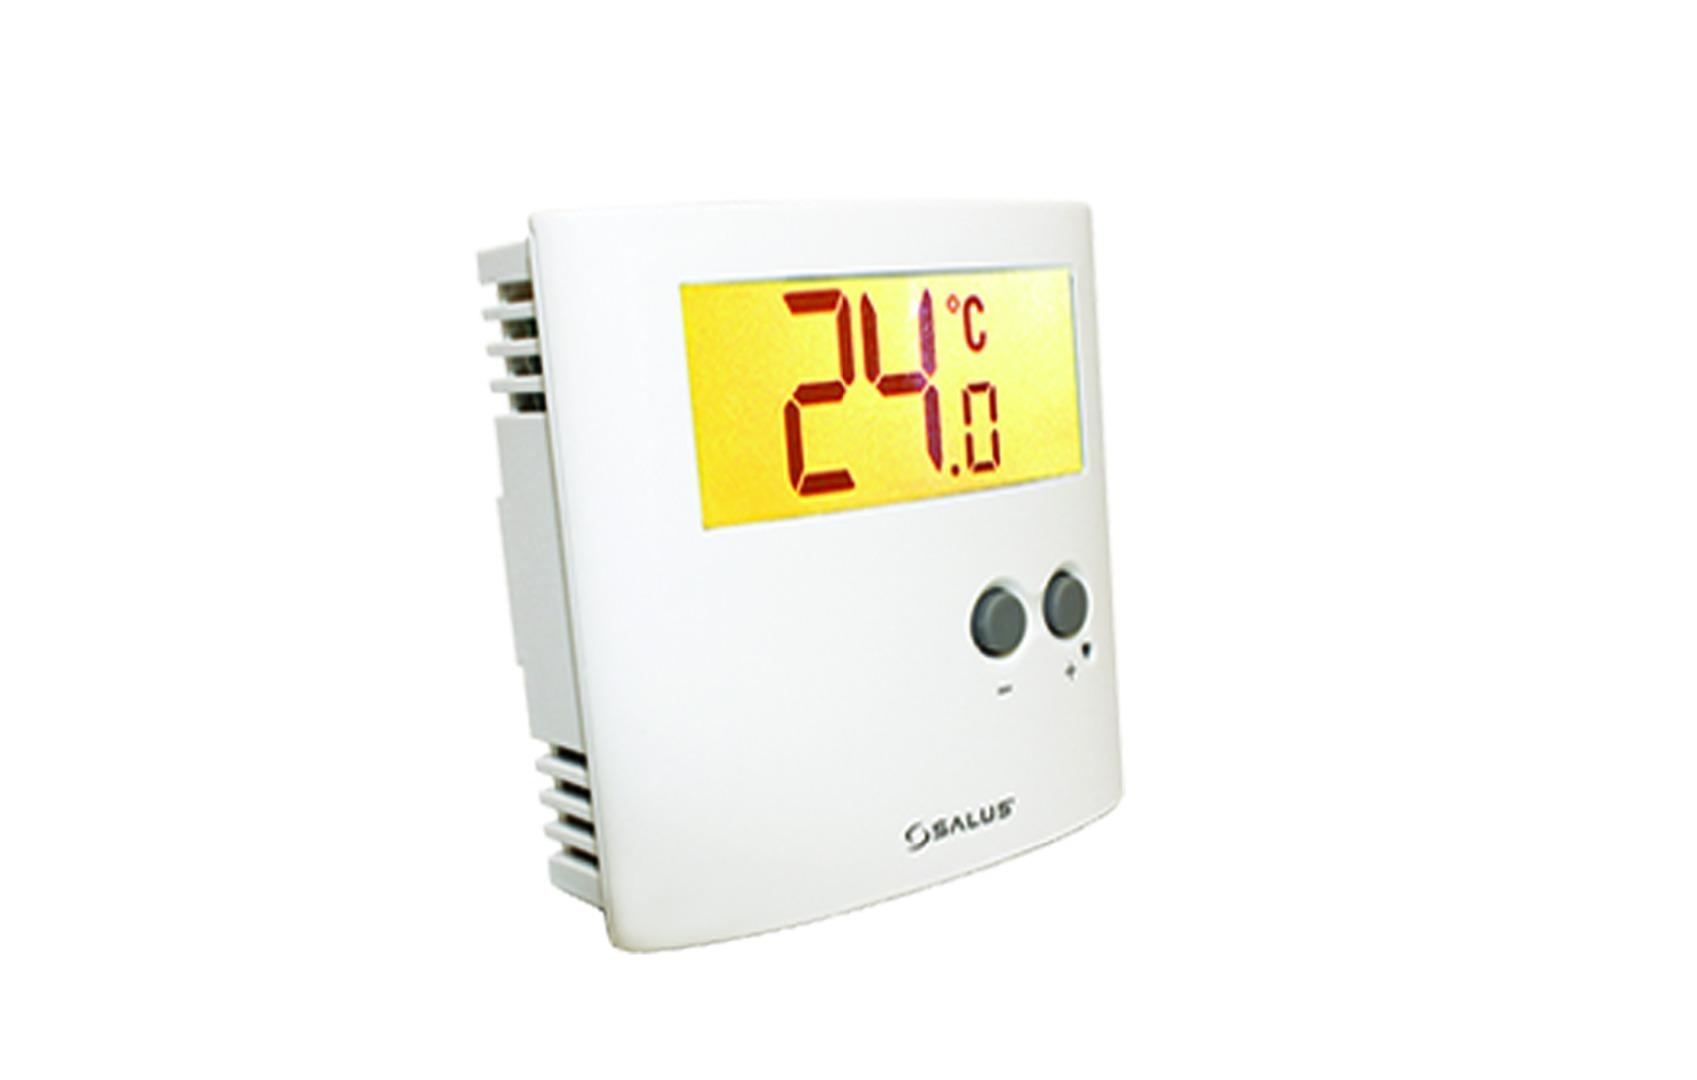 Рассматриваем автоматический терморегулятор для котла отопления. Основные понятия и рекомендации